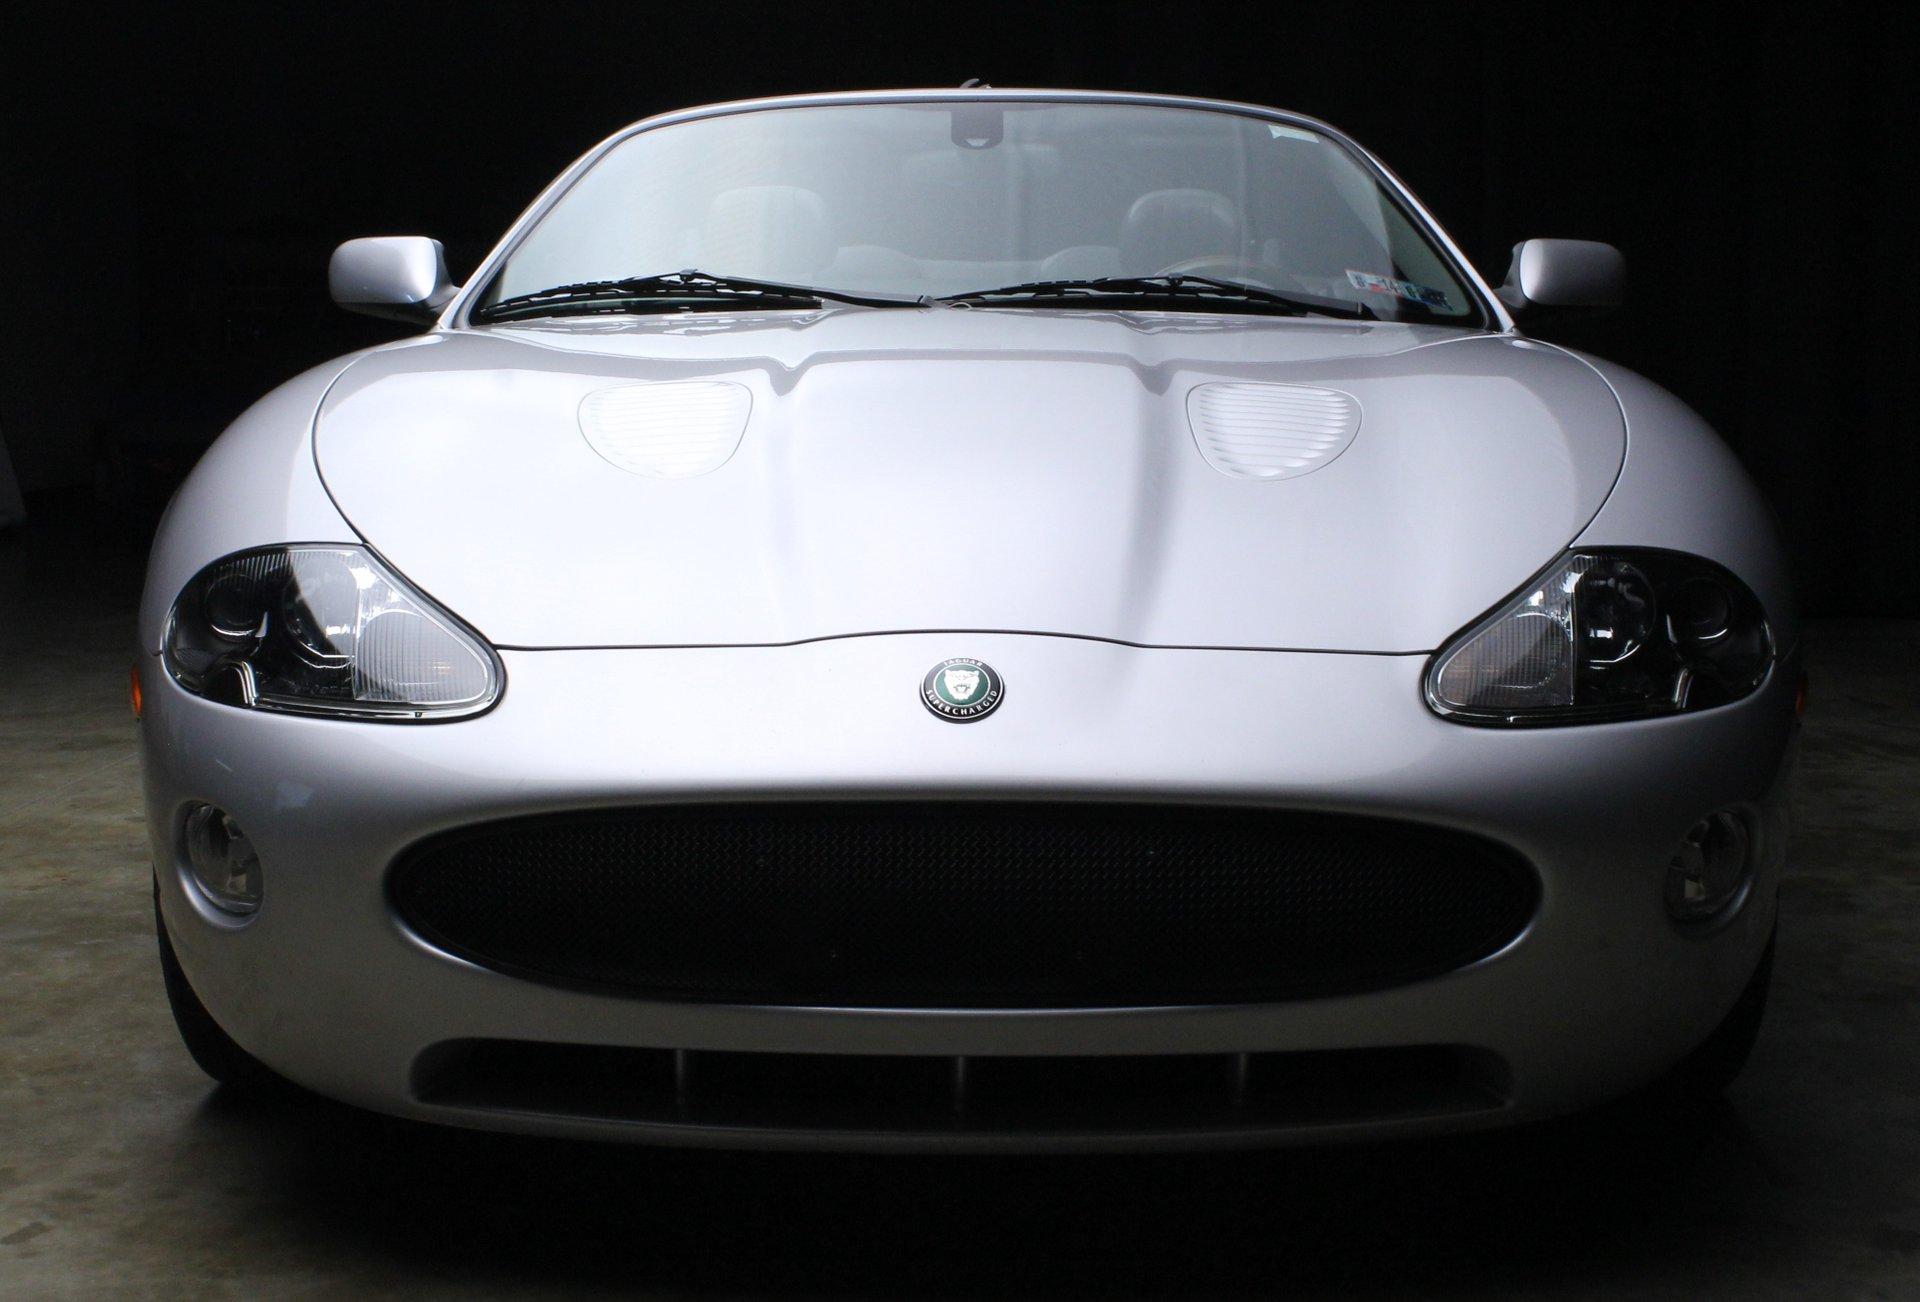 2006 jaguar xkr